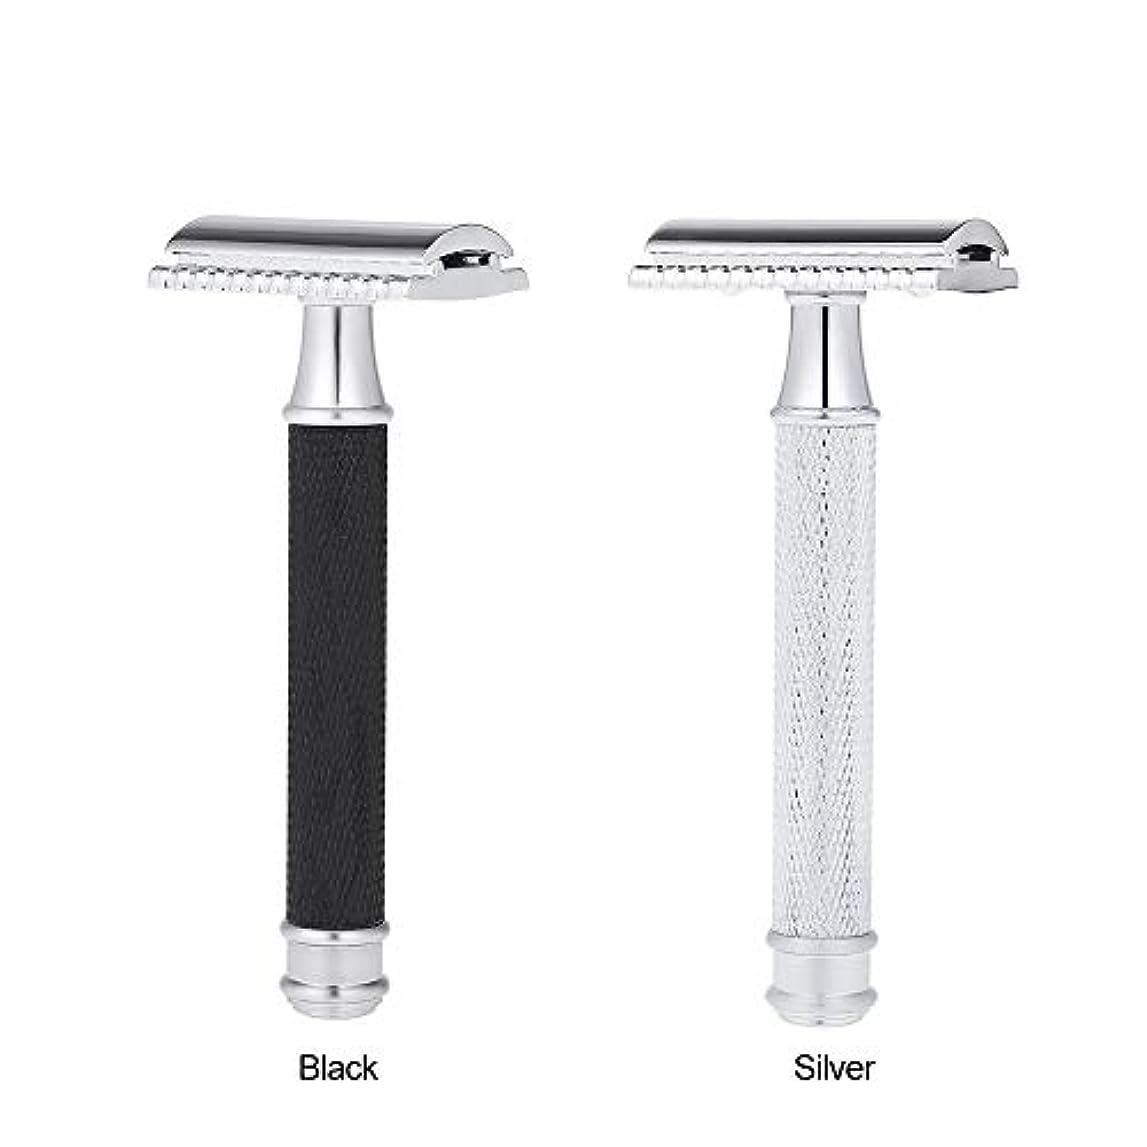 適応声を出して乏しいDouble Edge Classic Safety Razors Double Edge Handled Shaving Razor Stainless Steel Manual Traditional Razor (...